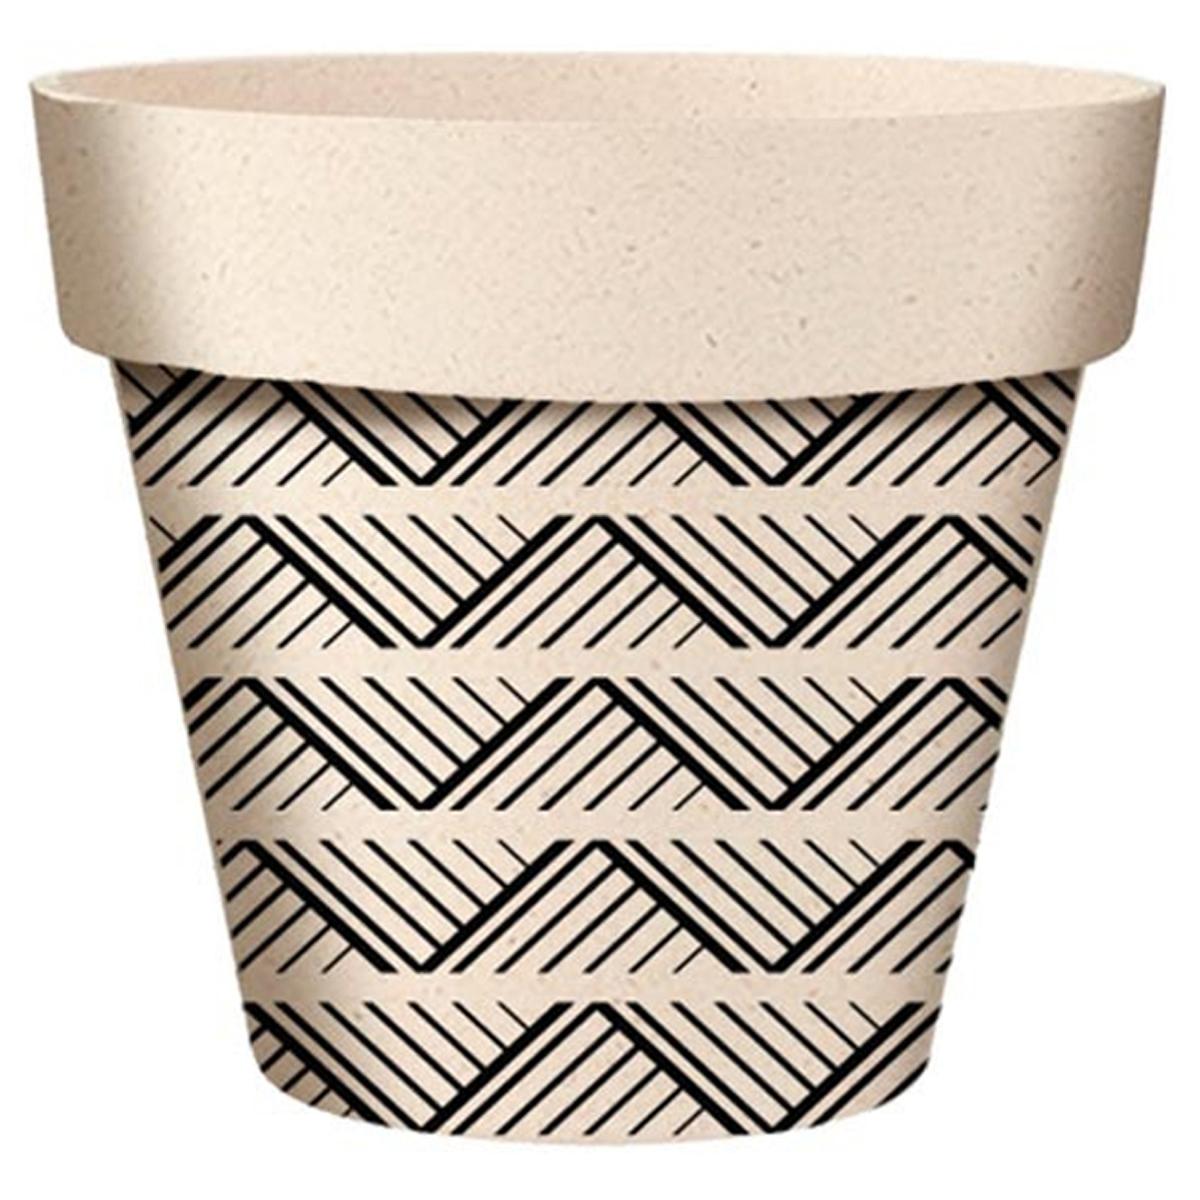 Cache-pot bambou \'Boho\' noir beige -  14x12 cm - [A2058]